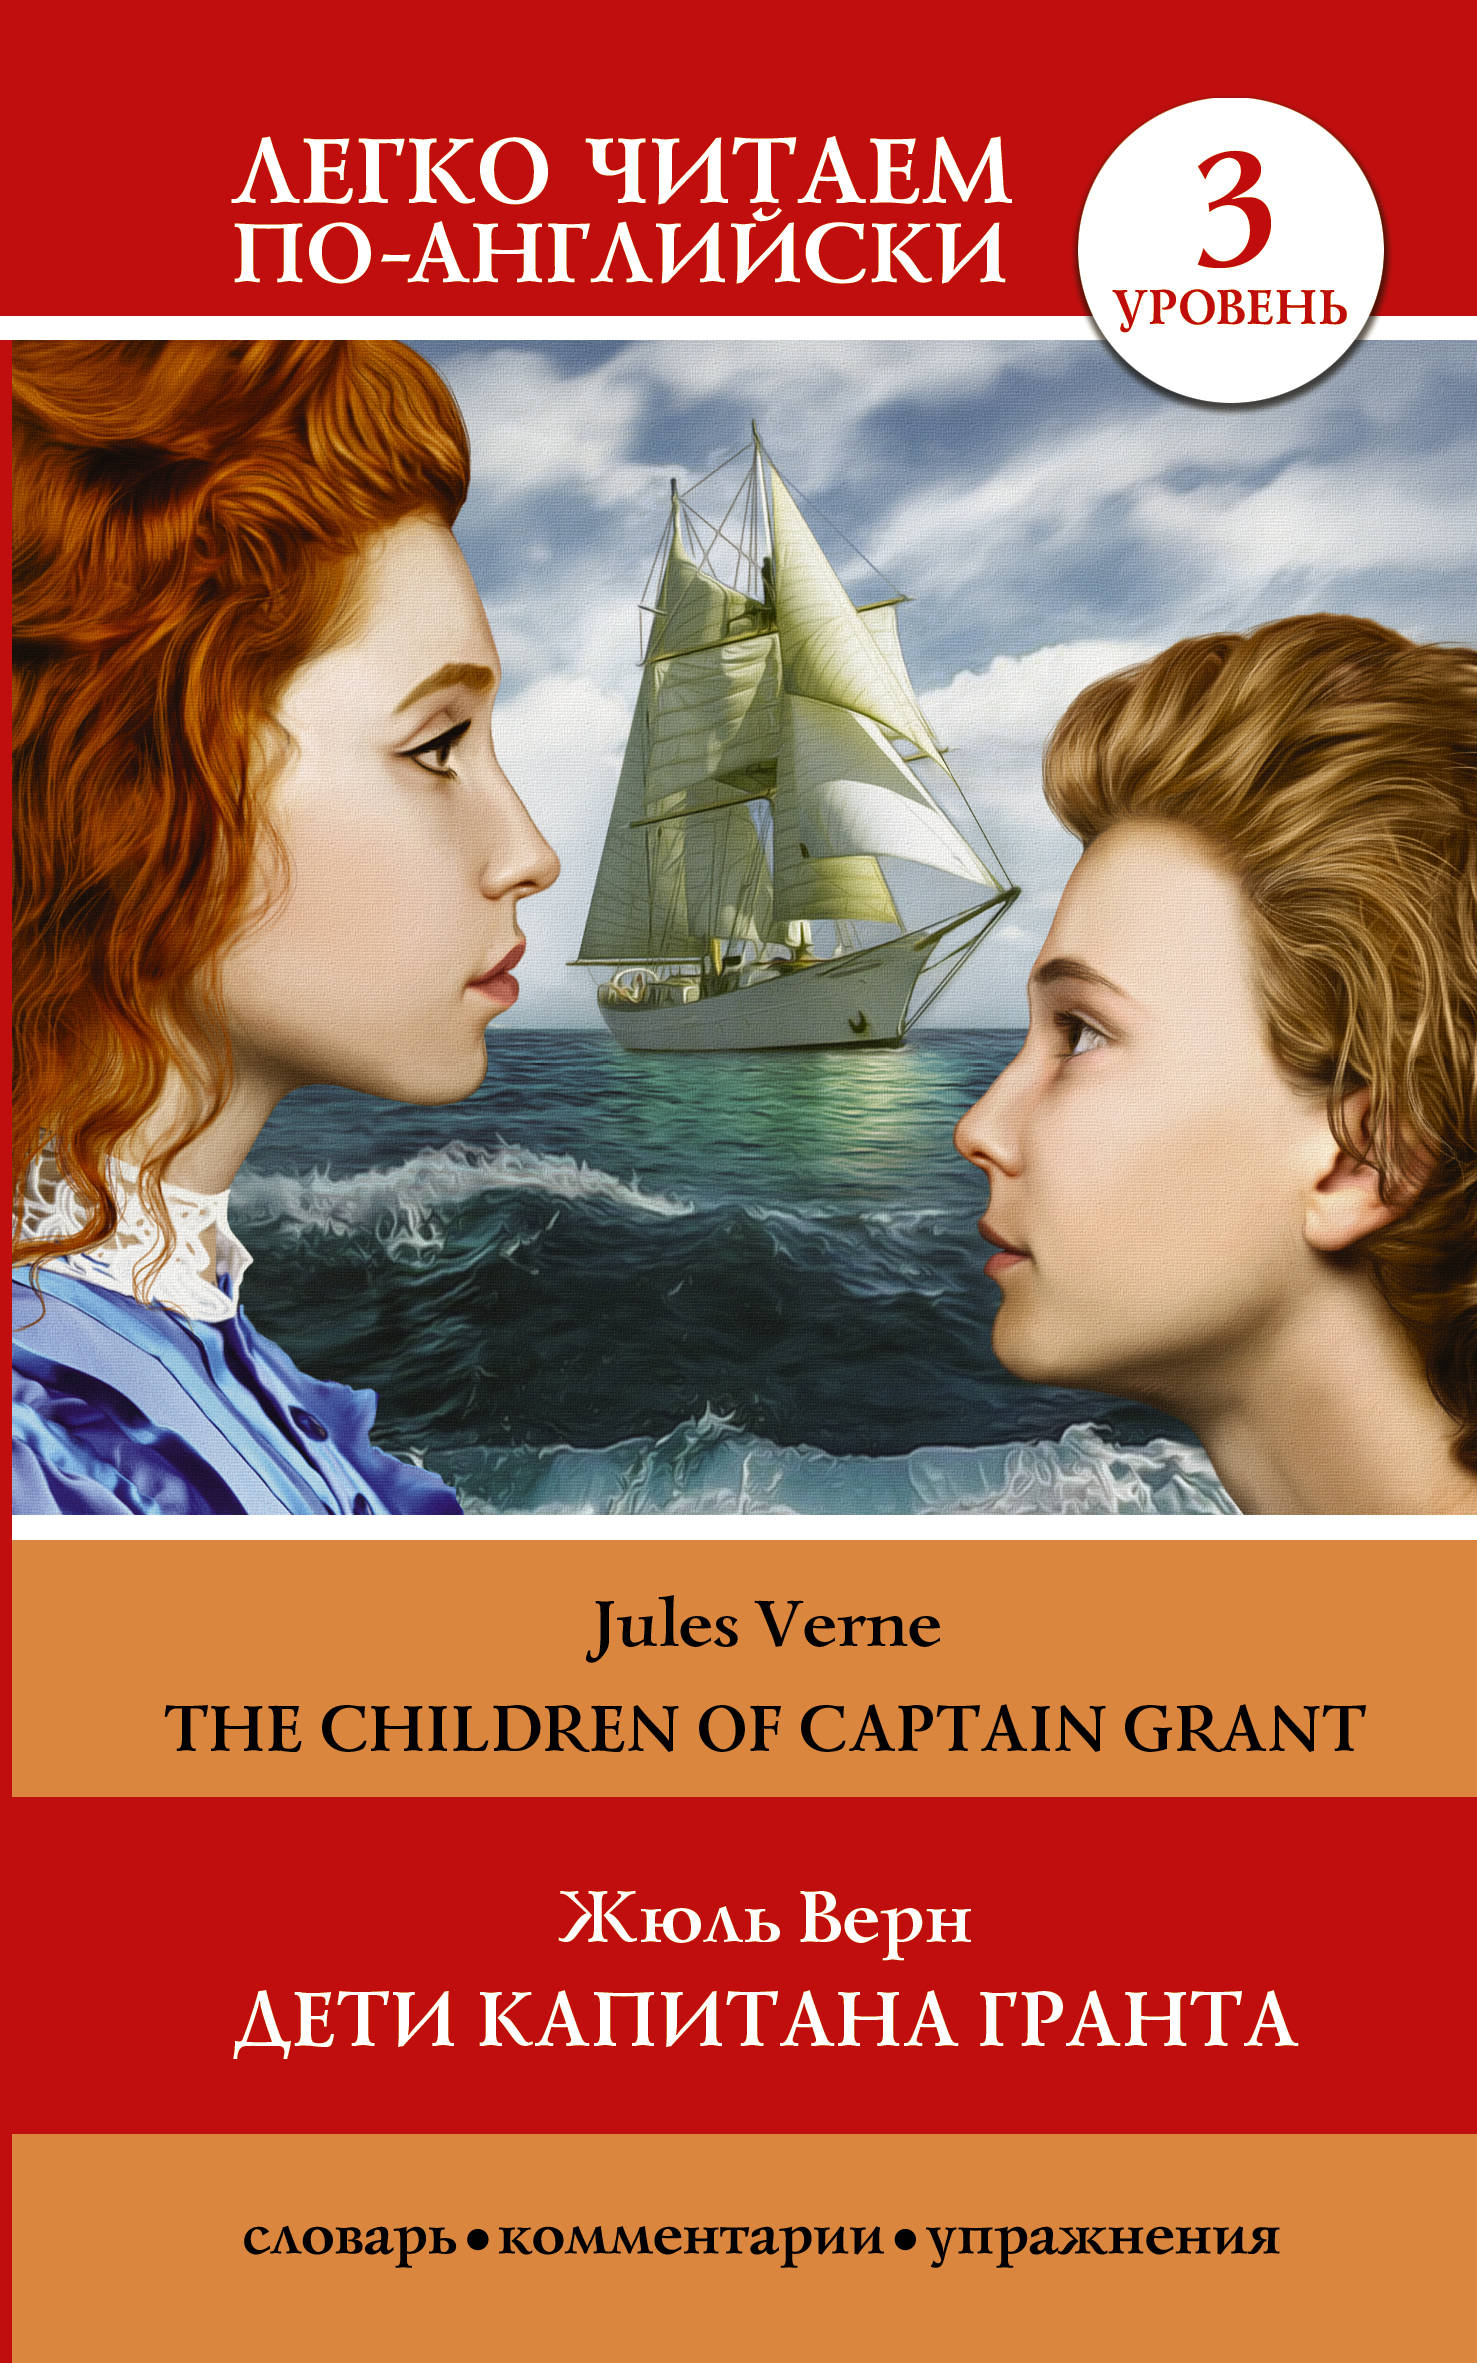 Верн Жюль. Дети капитана Гранта. Уровень 3